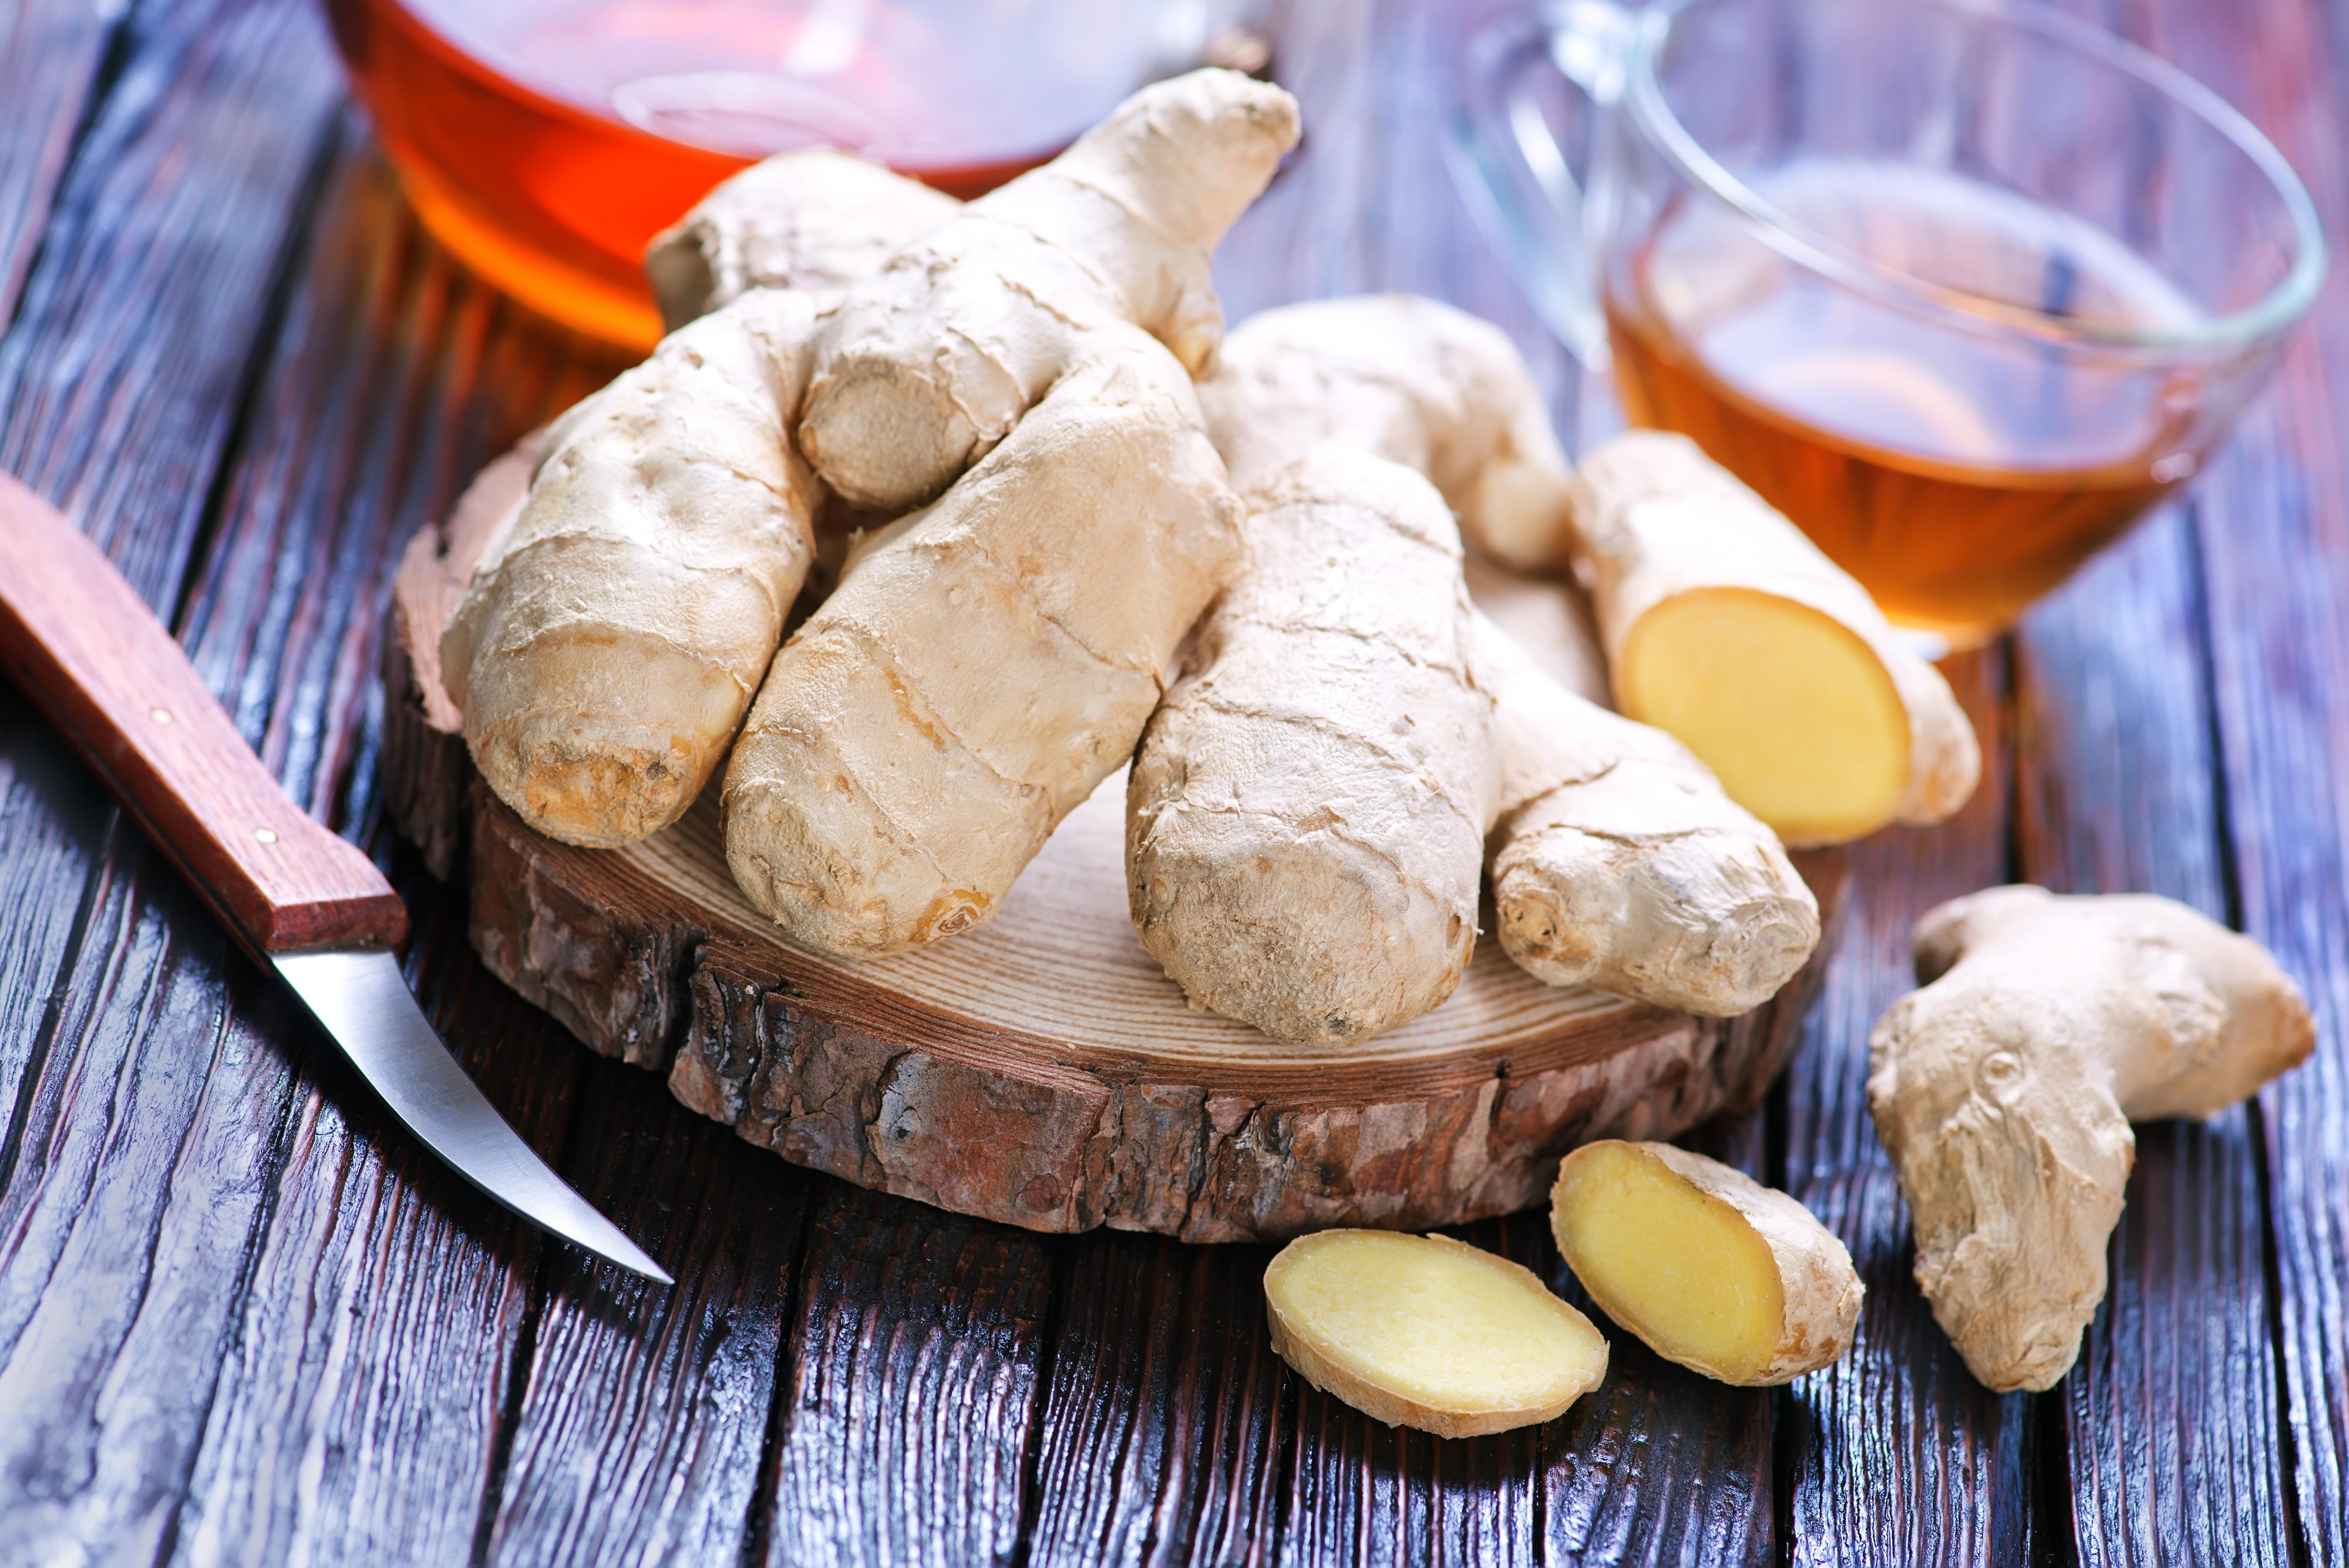 Le gingembre : le remède idéal contre la nausée